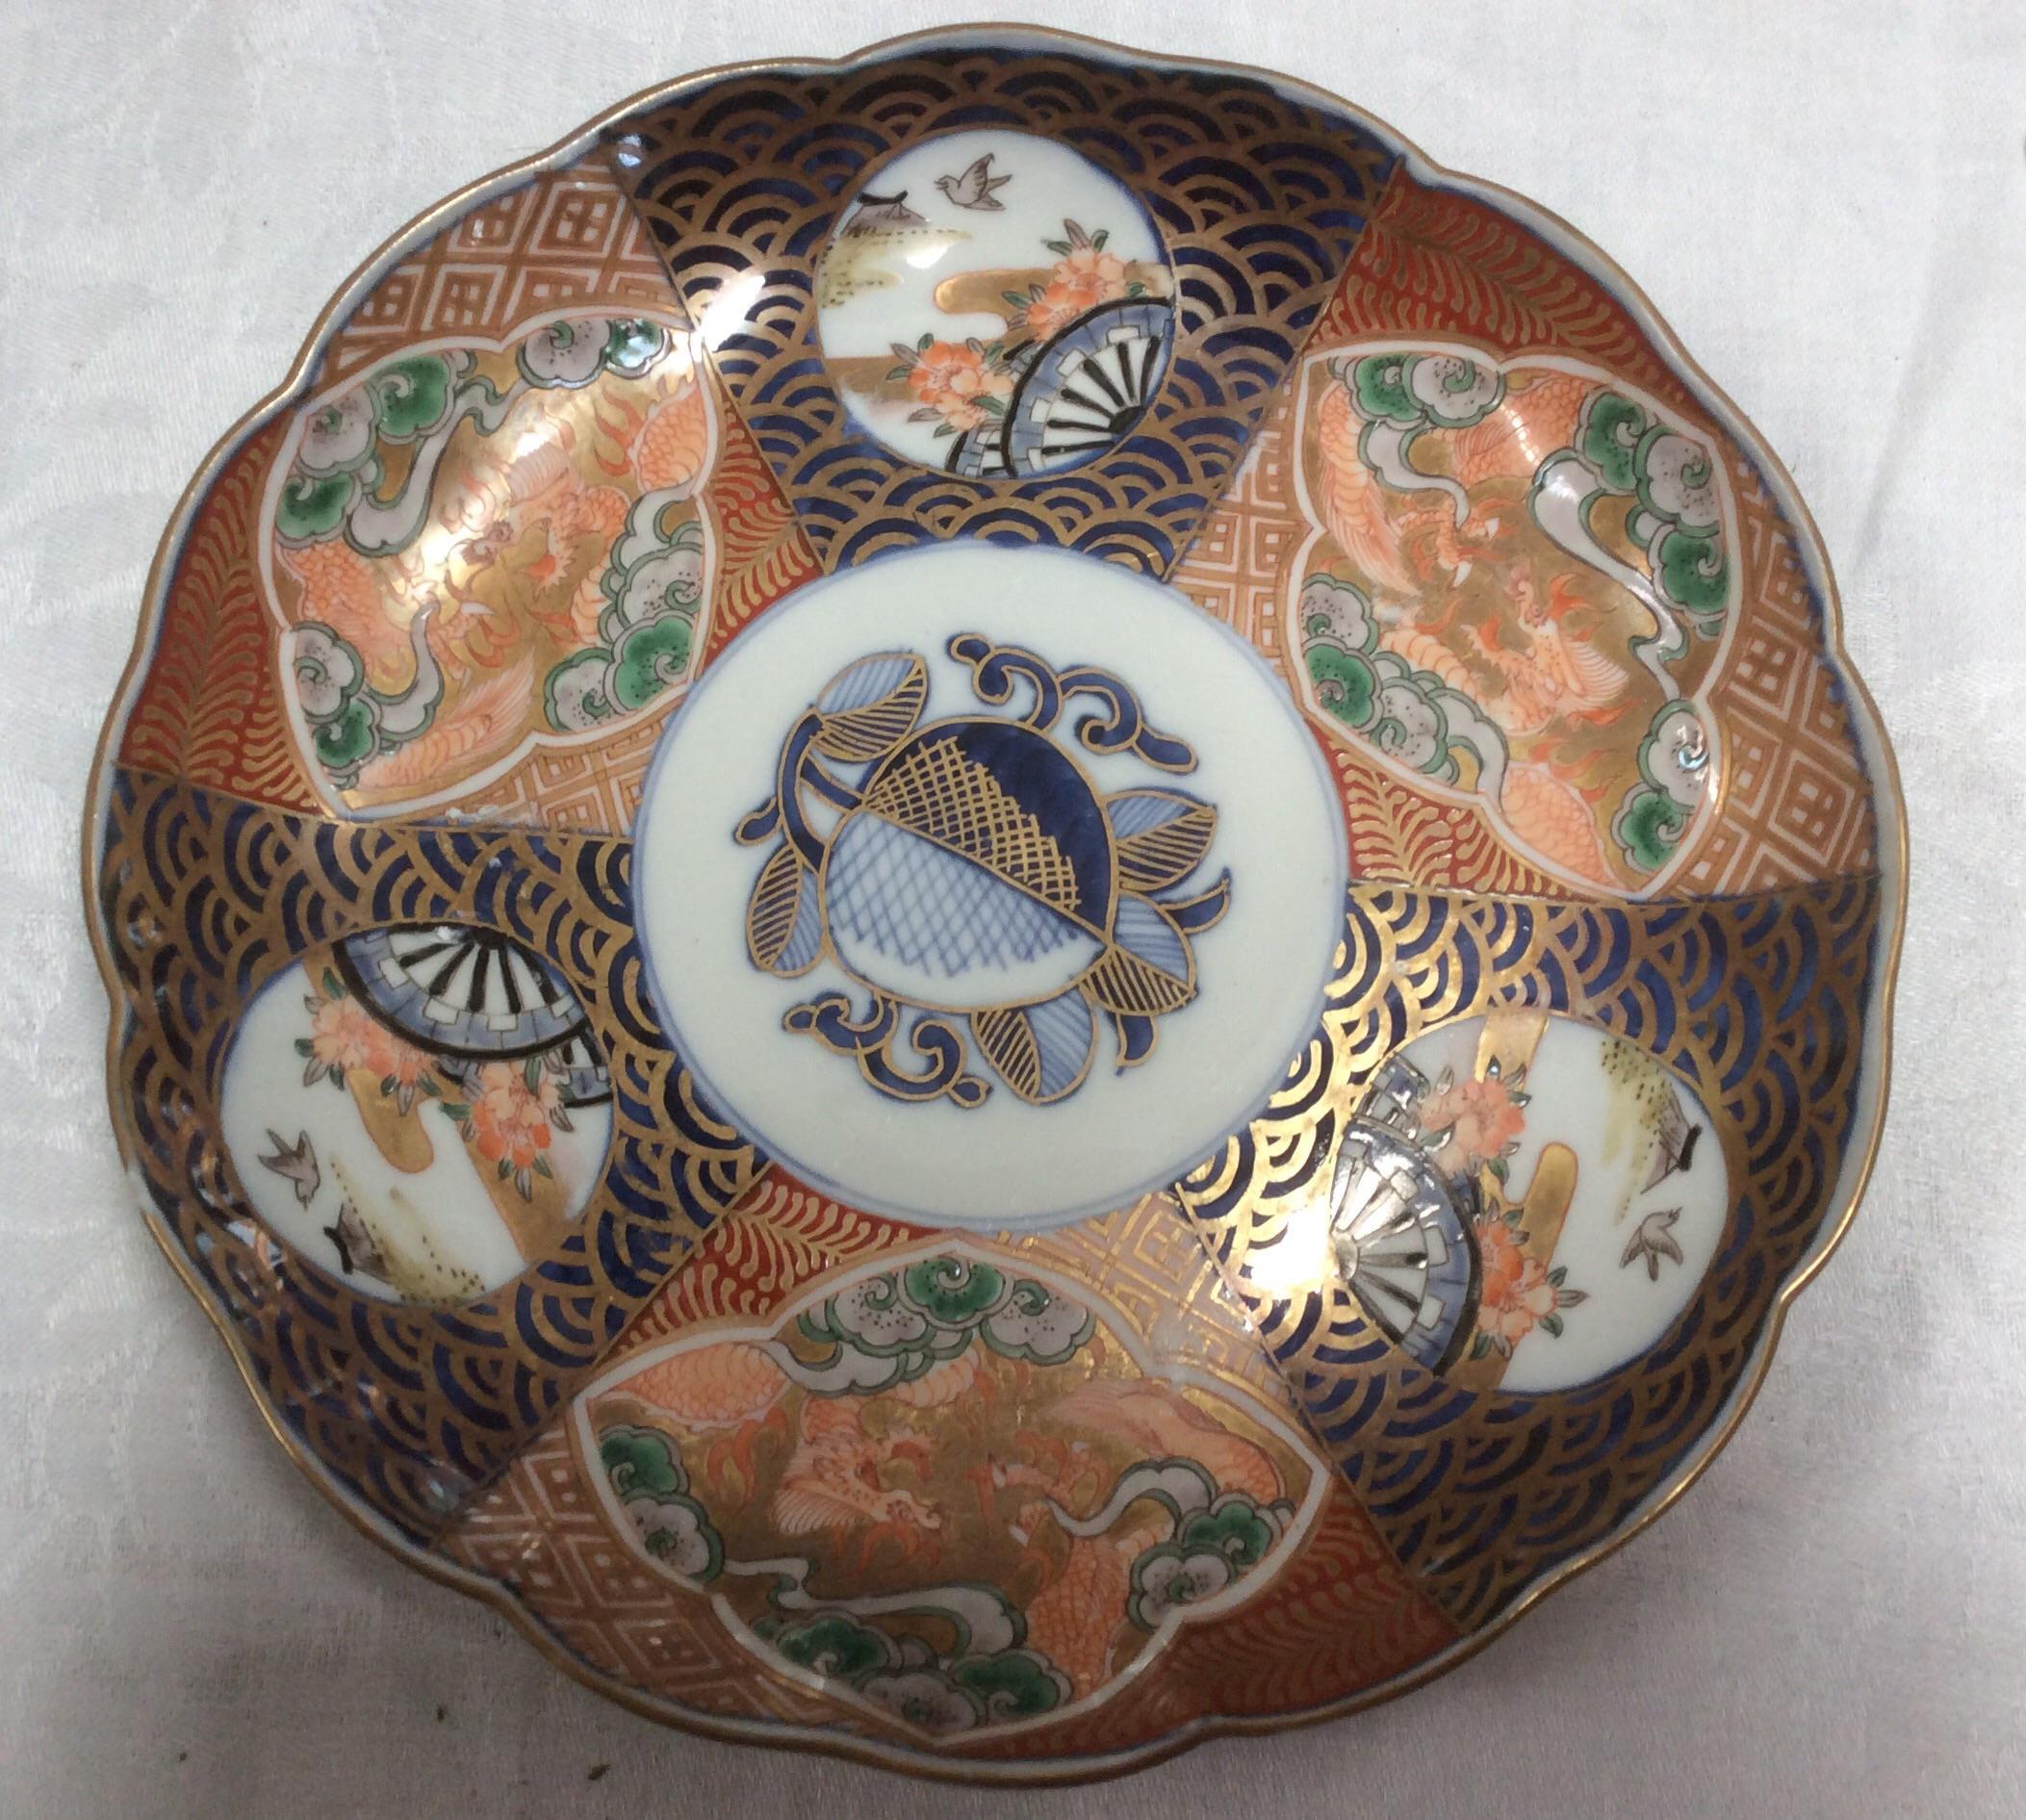 Antique 20th Century Imari Plate - Image 2 of 4 & Antique 20th Century Imari Plate | Chairish